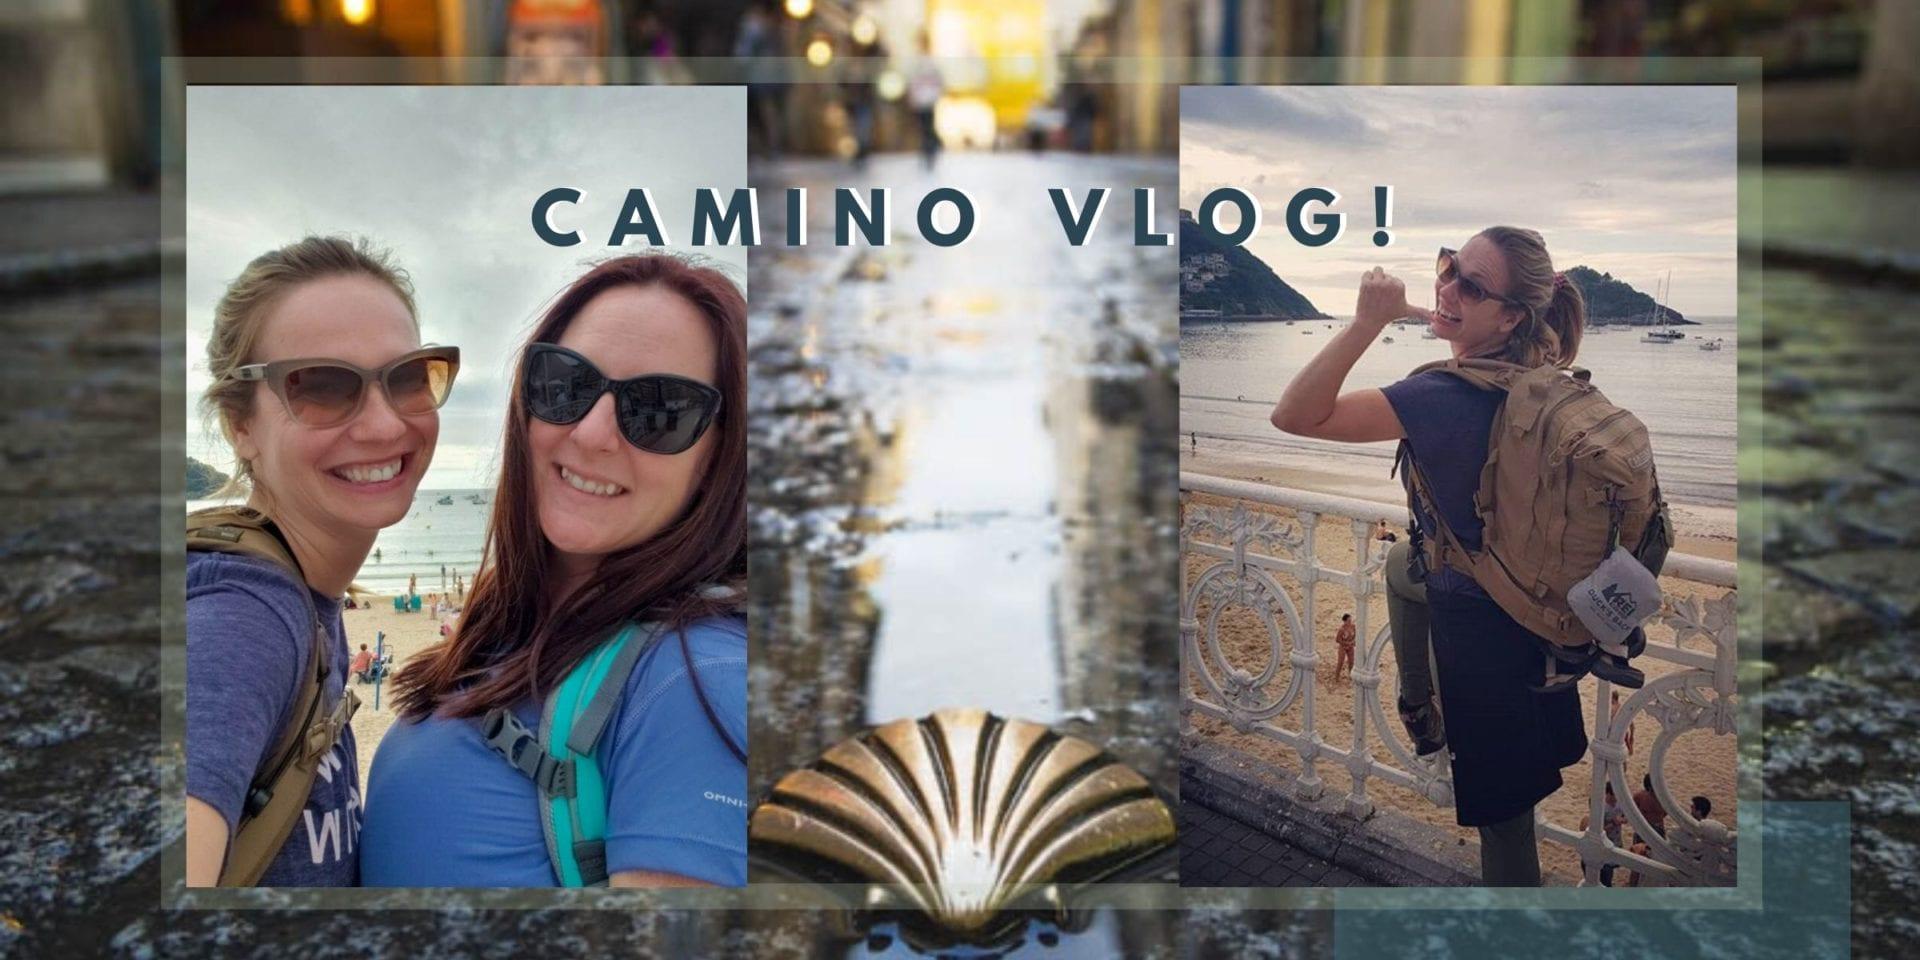 Camino de Santiago Vlog